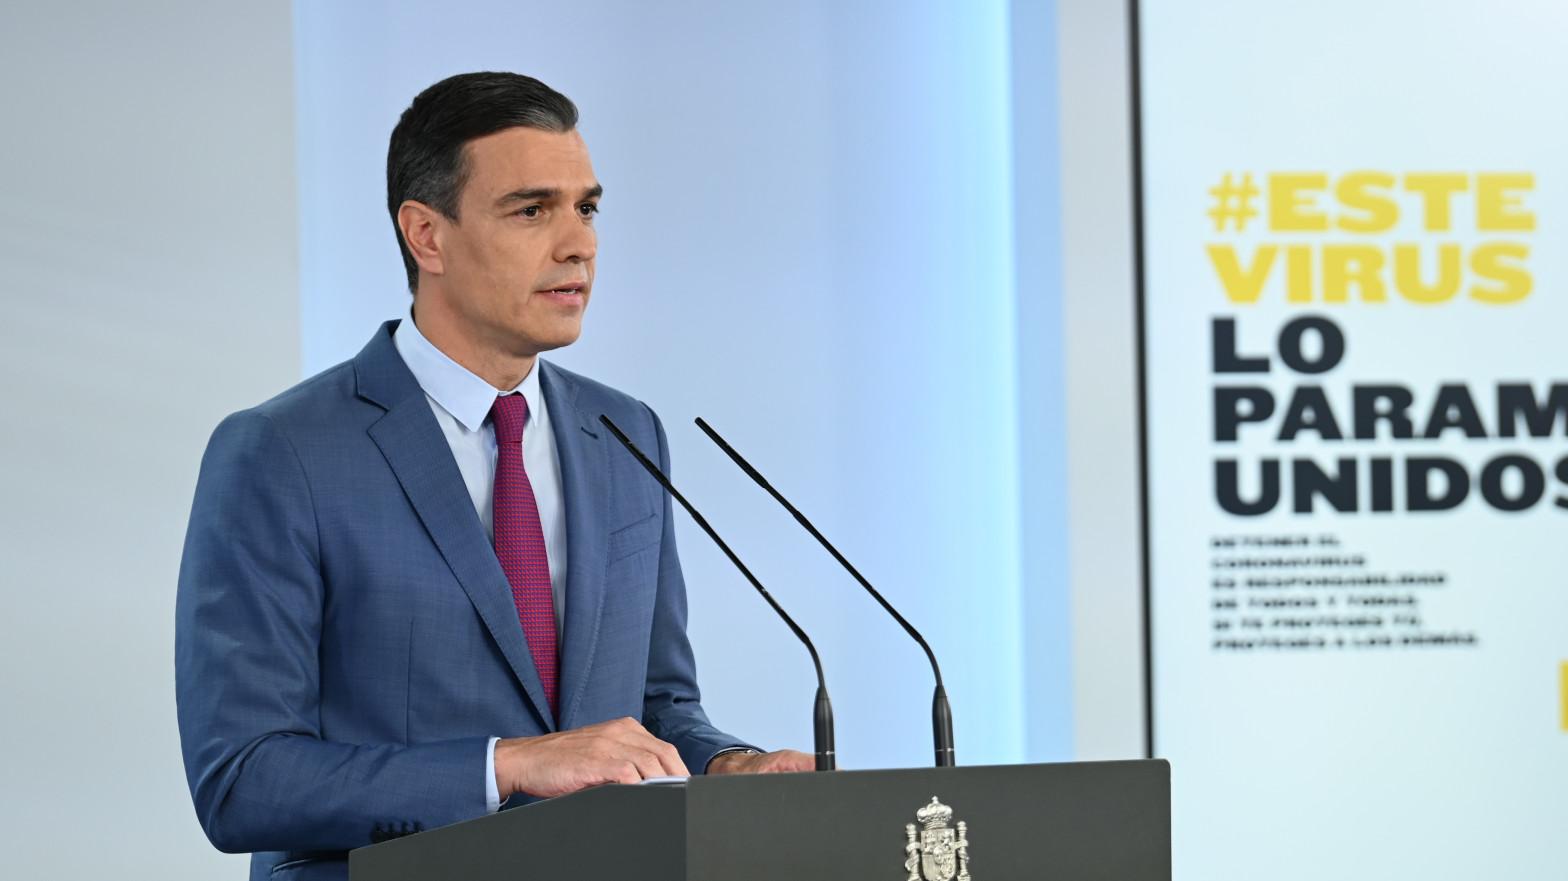 Los nuevos ministros de Pedro Sánchez asumen este lunes sus cargos